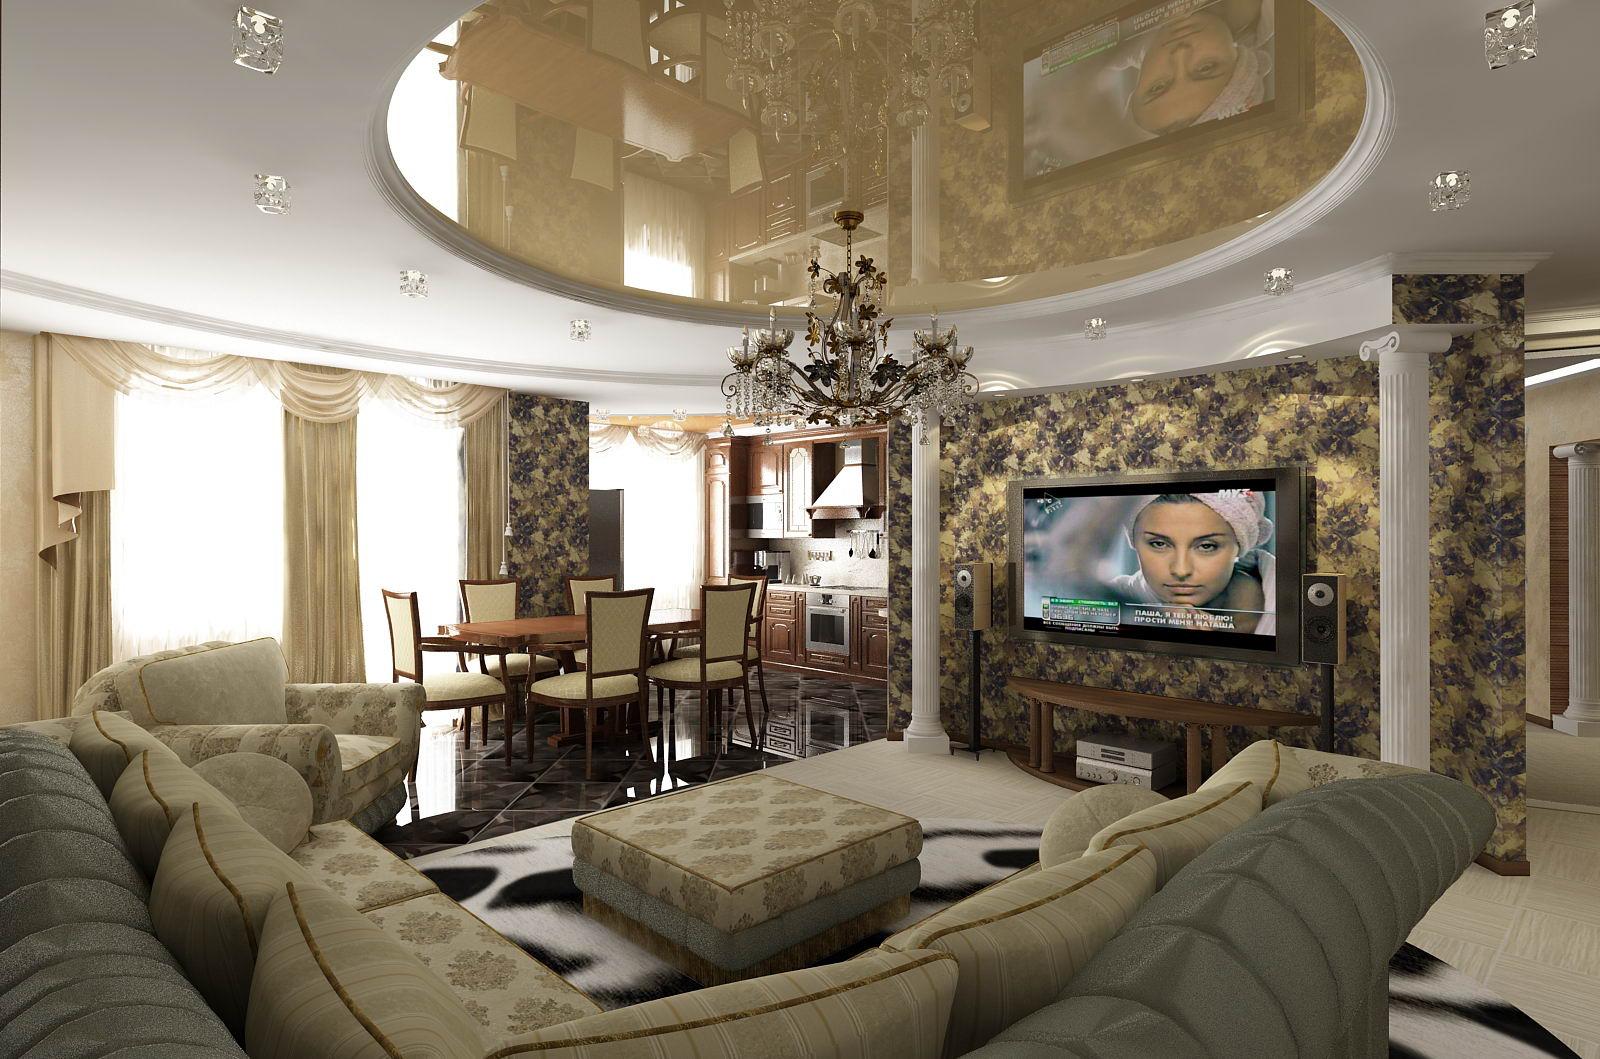 Дизайн интерьера гостиной зала